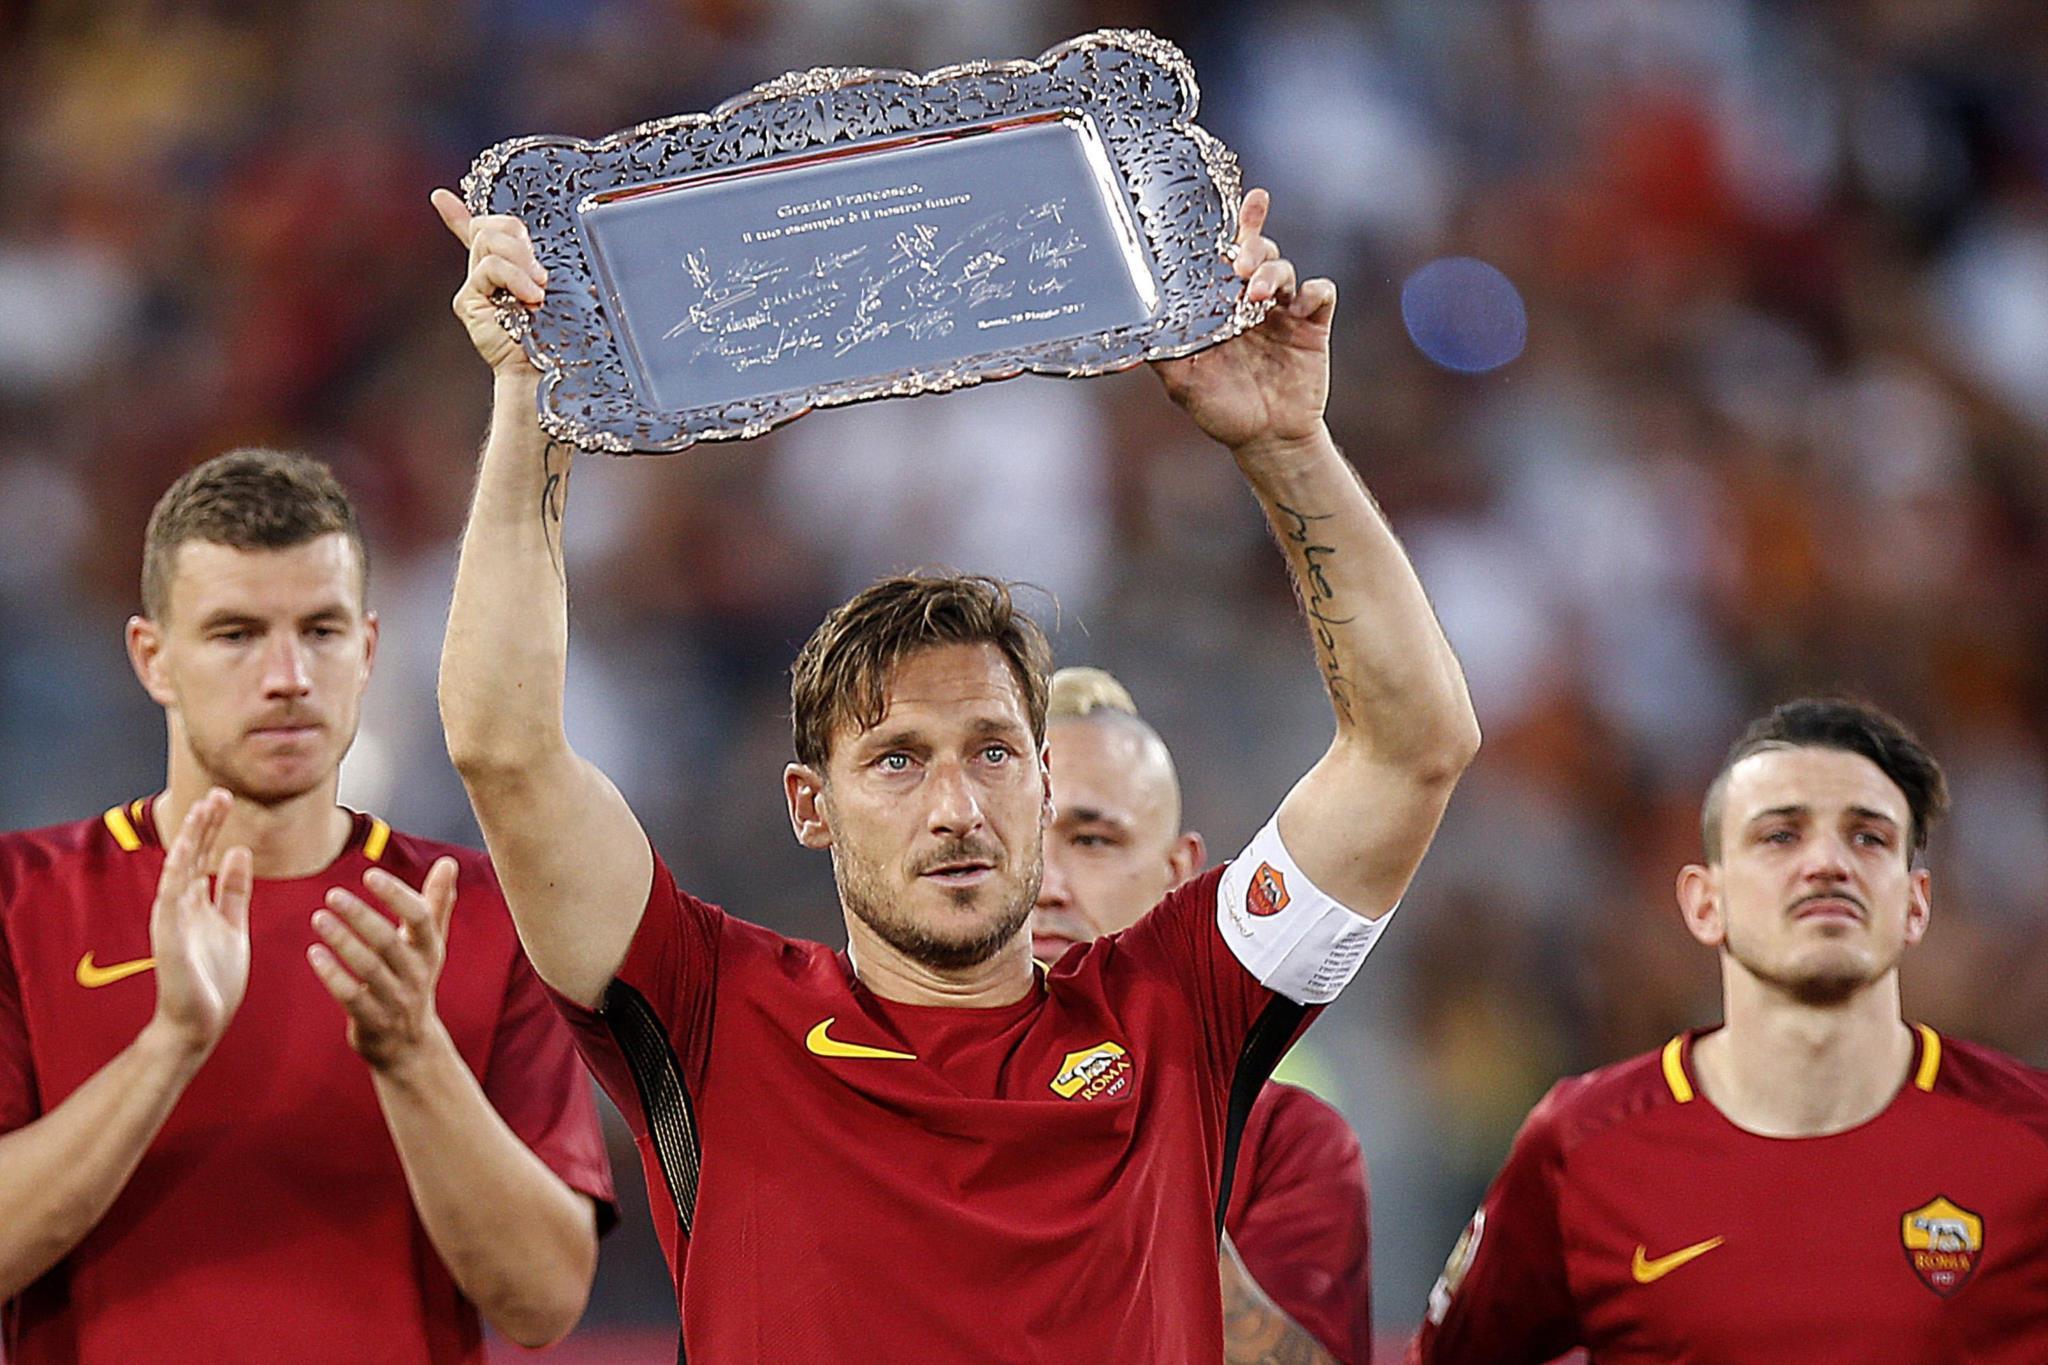 """PÚBLICO - A carta de Totti: """"Tira os calções e as chuteiras porque, a partir de hoje, és um homem"""""""